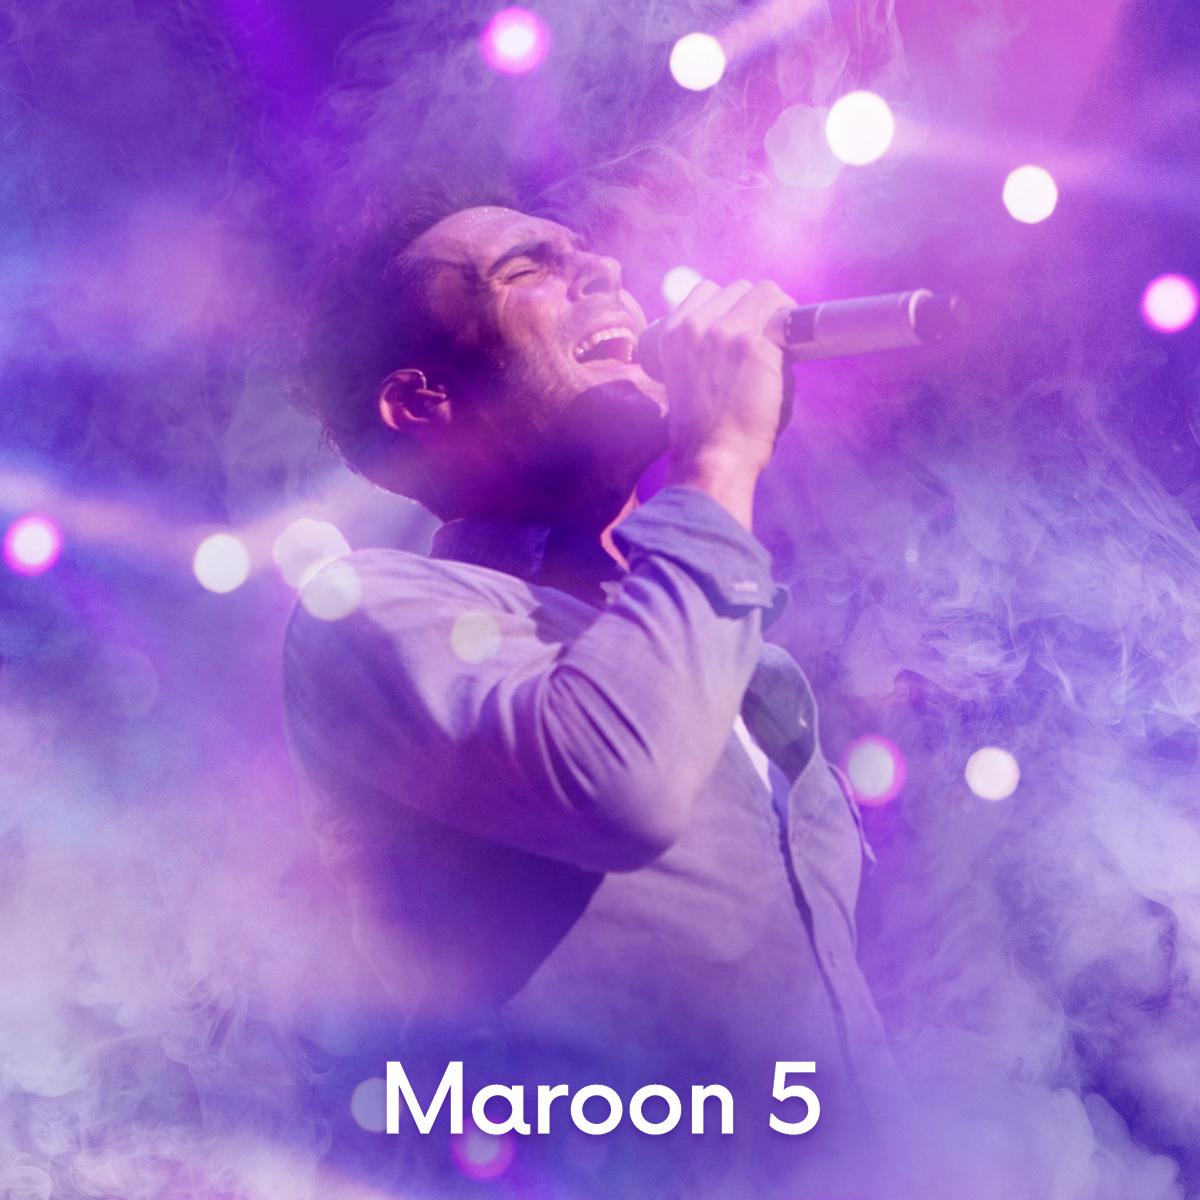 Image Maroon 5